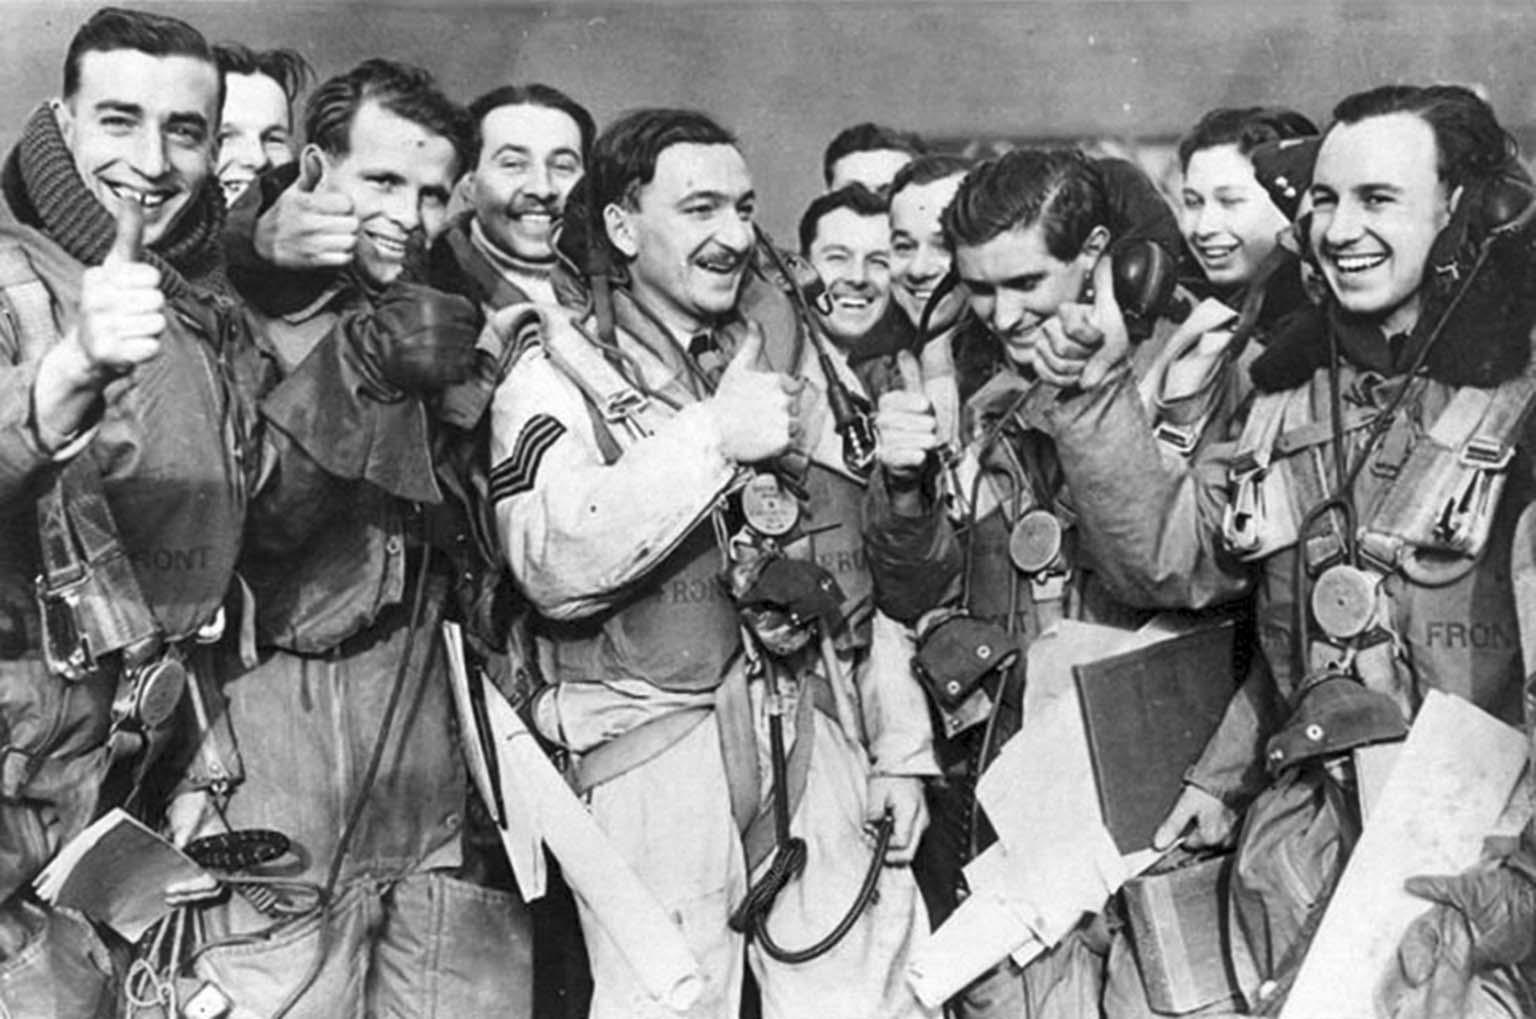 British pilots